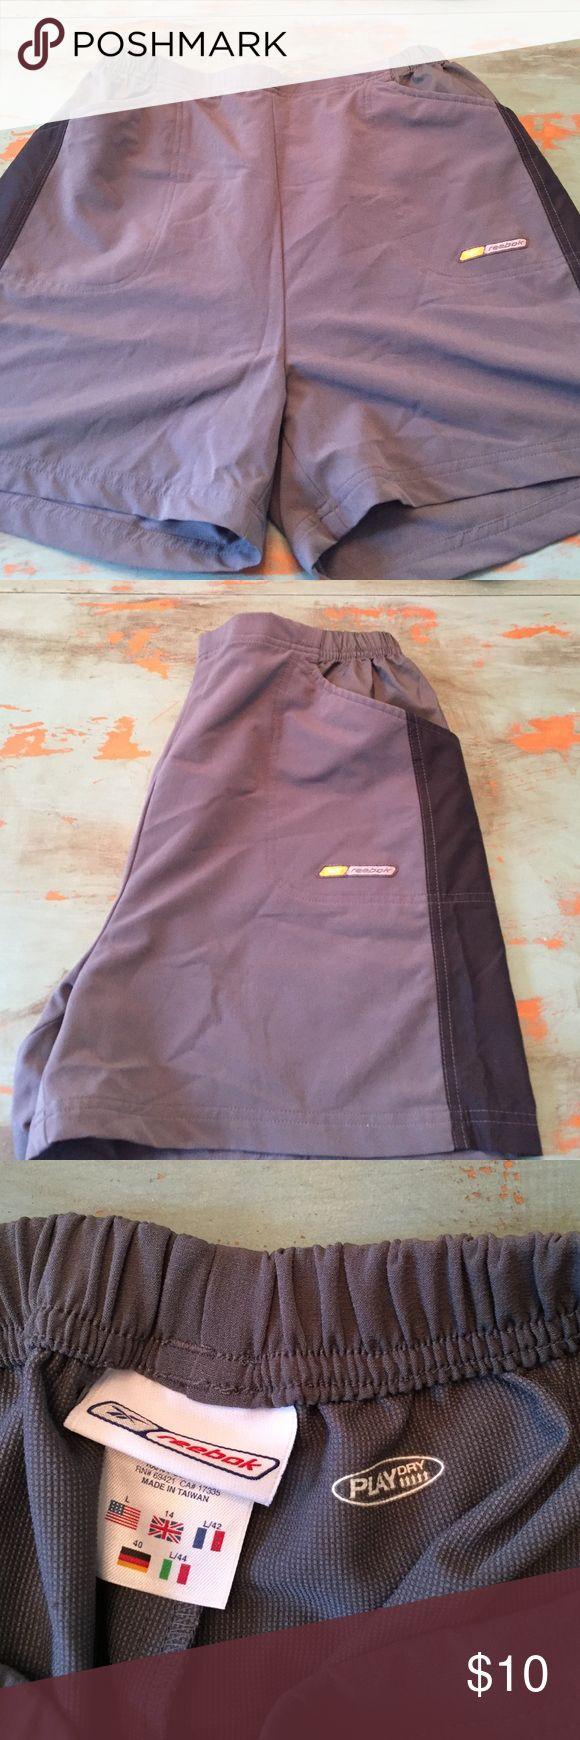 Rebook women's sport shorts Light weight Reebok women's sport shorts.  Polyester/spandex blend with Play Dry.  Never worn. Reebok Shorts